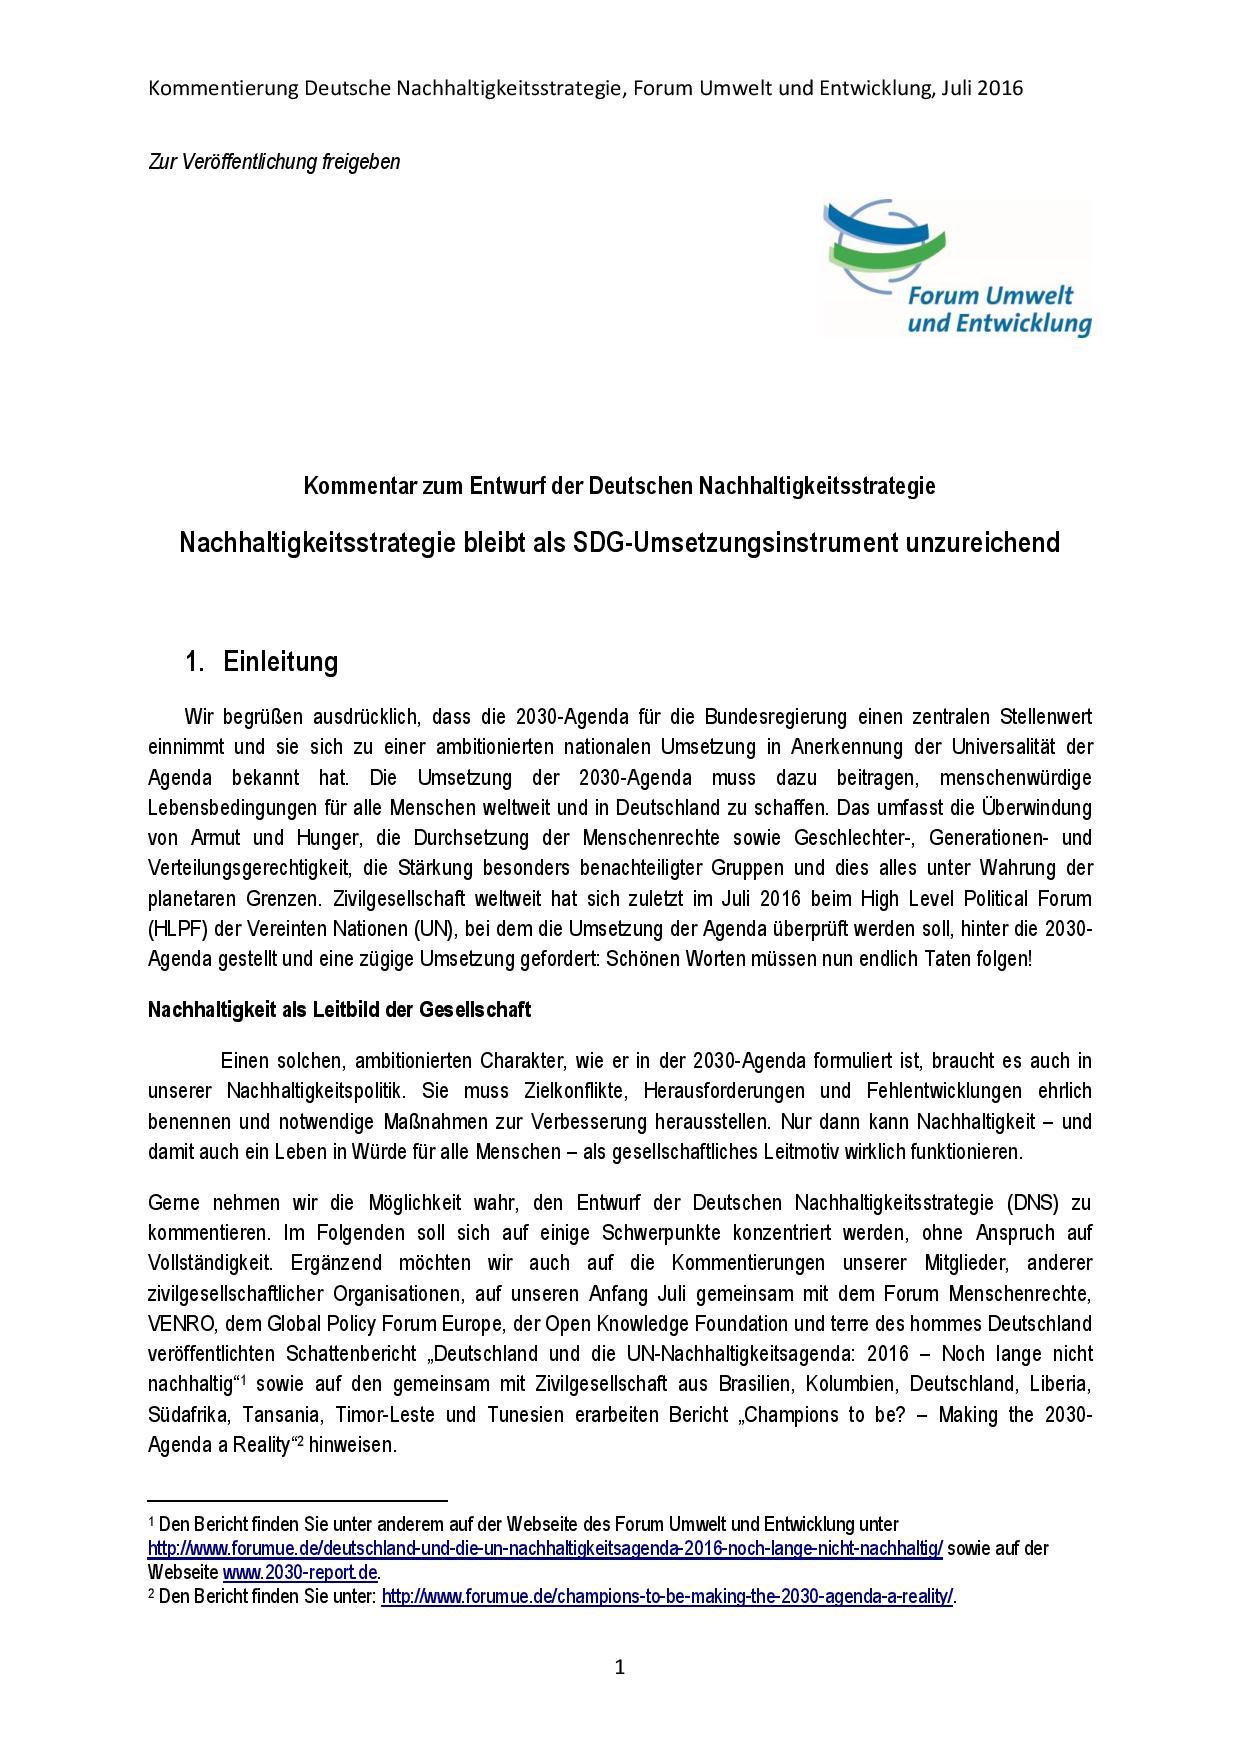 Kommentierung Deutsche Nachhaltigkeitsstrategie Forum Umwelt und Entwicklung-23-07-2016-page-001